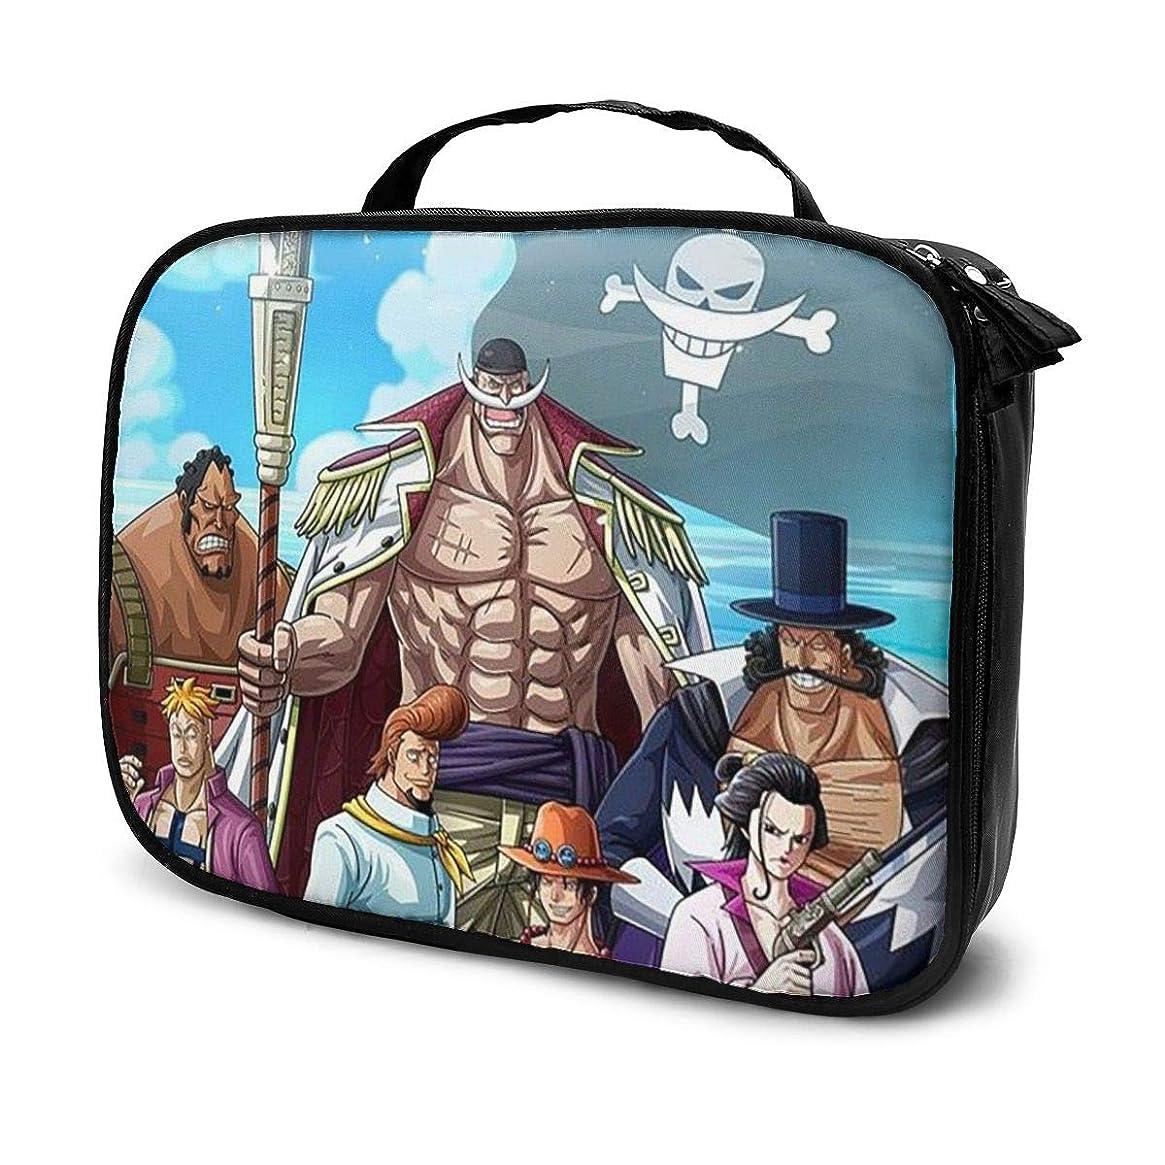 蒸発する根絶する修正Daitu白ひげ海賊団 化粧品袋の女性旅行バッグ収納大容量防水アクセサリー旅行